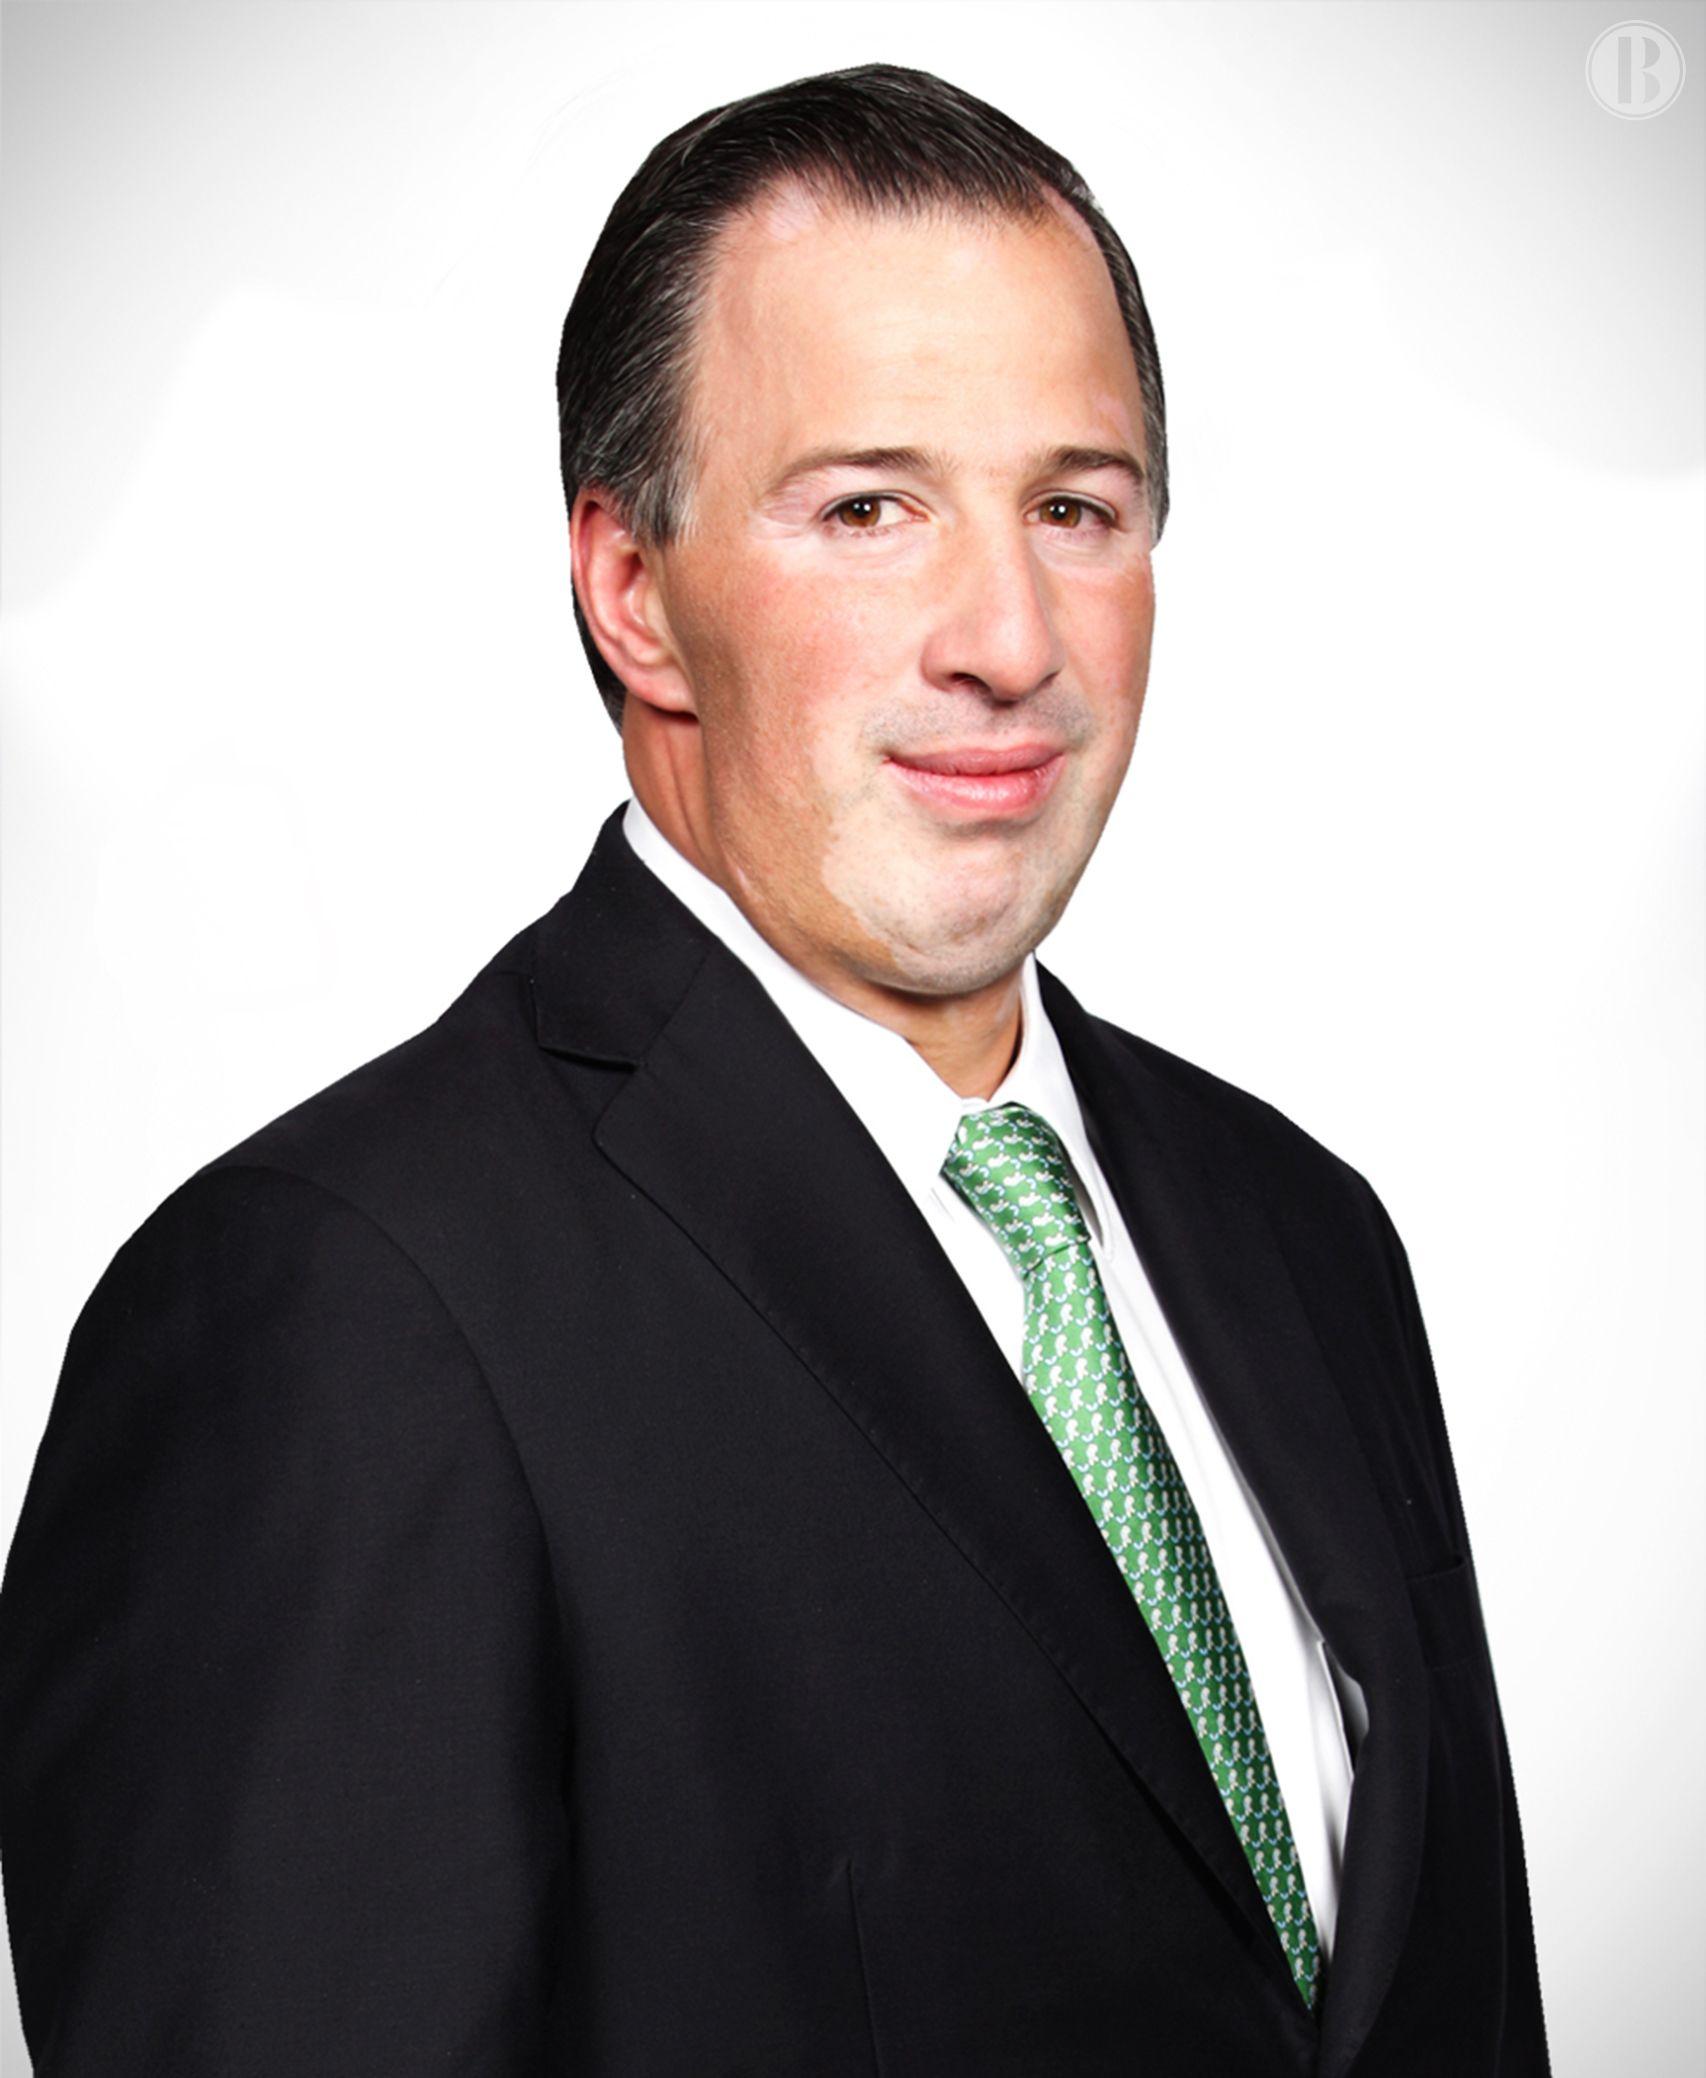 Meade podría ser el candidato oficial del PRI para la Presidencia de México en el 2018